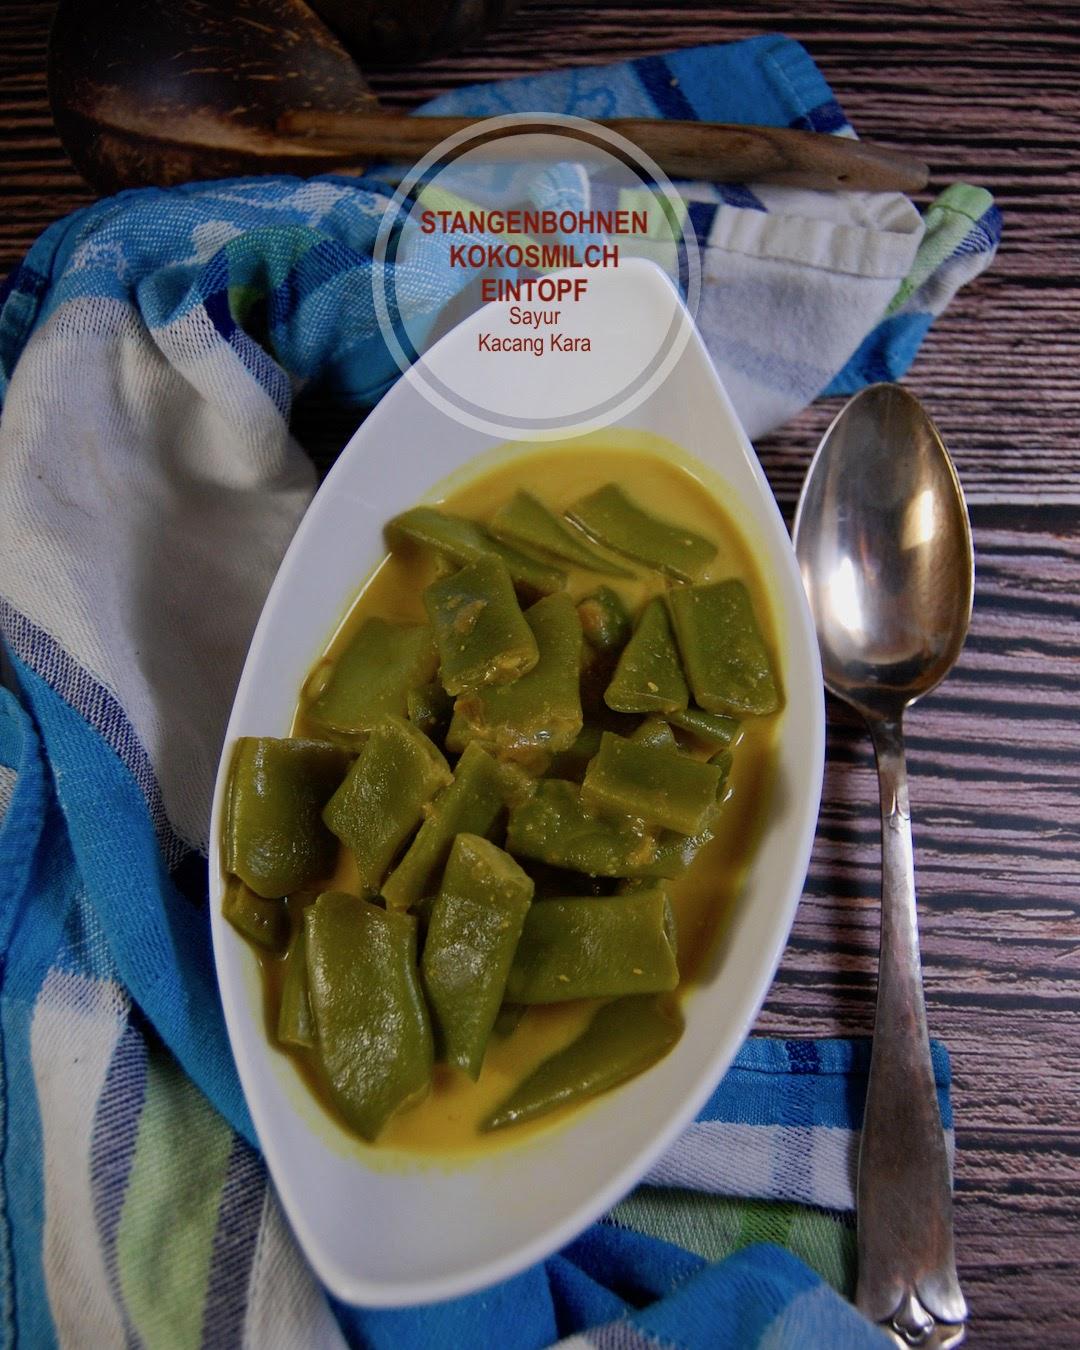 Rezept vegan asiatisch. Stangenbohnen Kokosmilch Eintopf